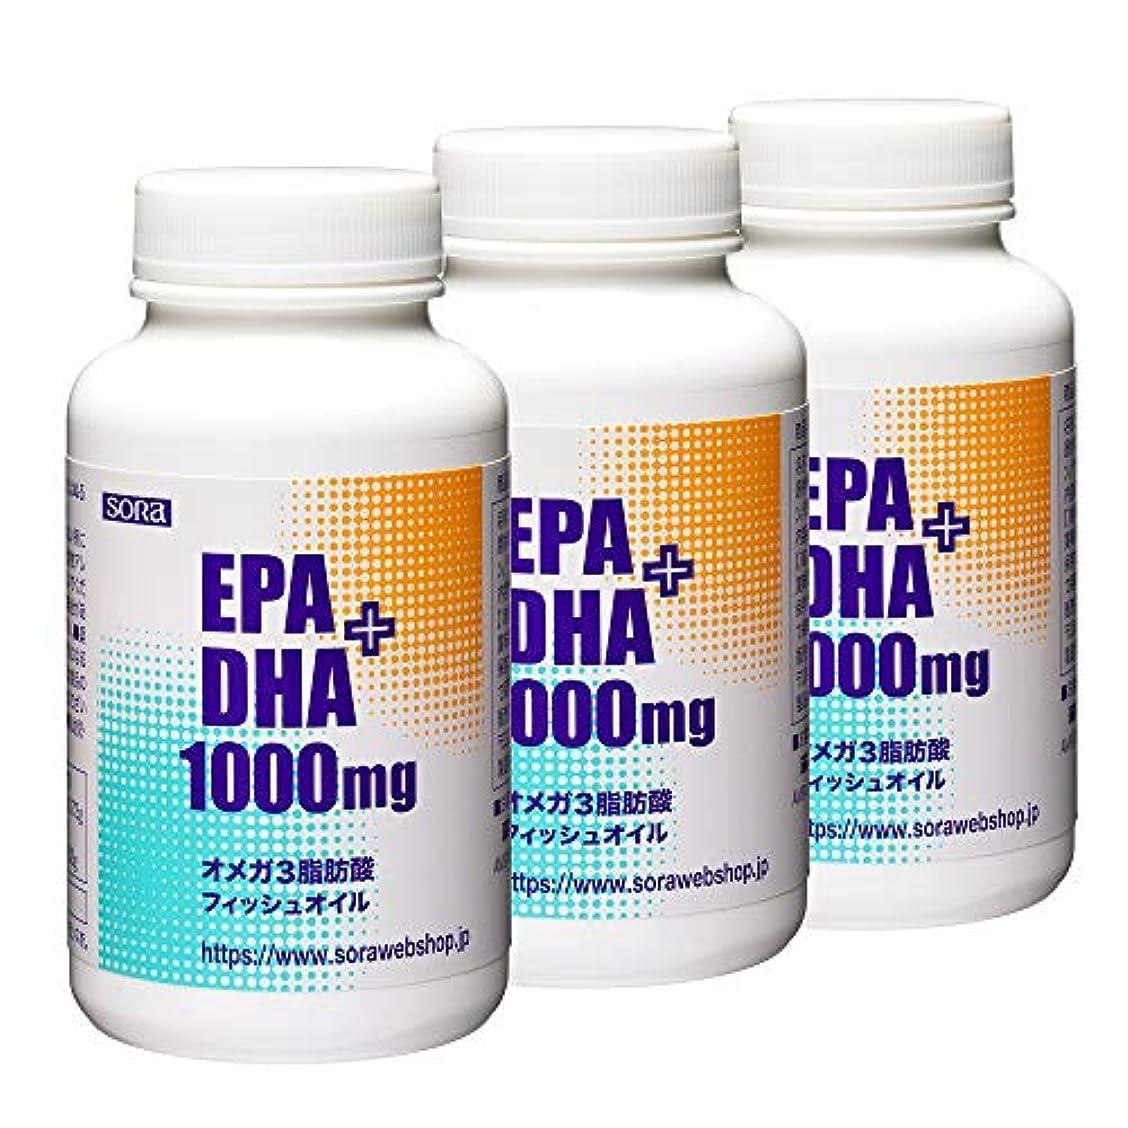 デッドロックパワーピルファー【まとめ買い】そら EPA+DHA 1000mg (魚のオイル オメガ3) 【180粒入 × 3本セット】[5% OFF]